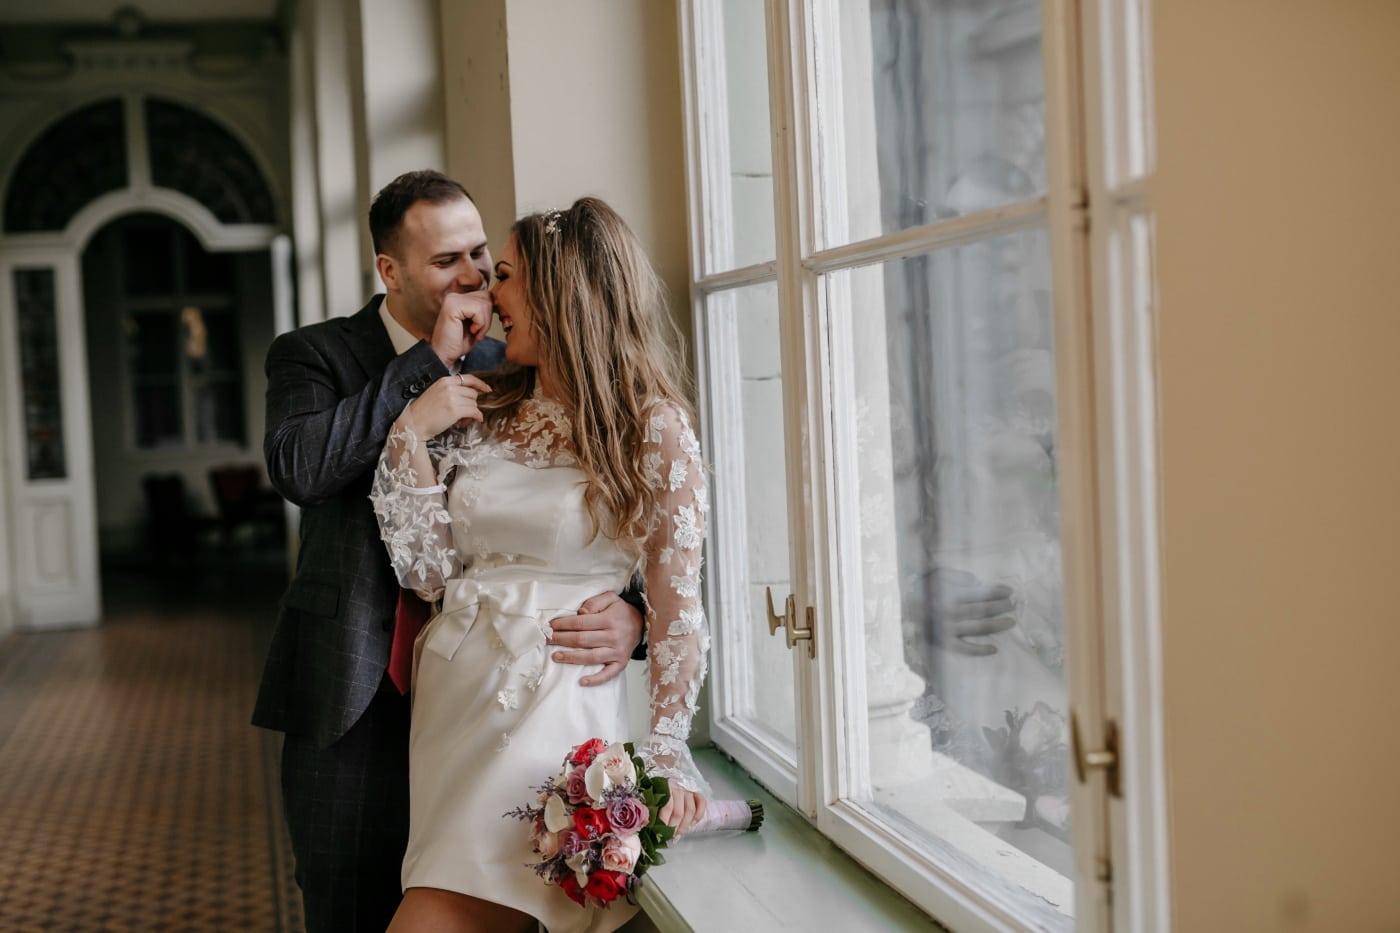 tout juste marié, couloir, Accueil, femme, jeune marié, couple, la mariée, mariage, amour, homme